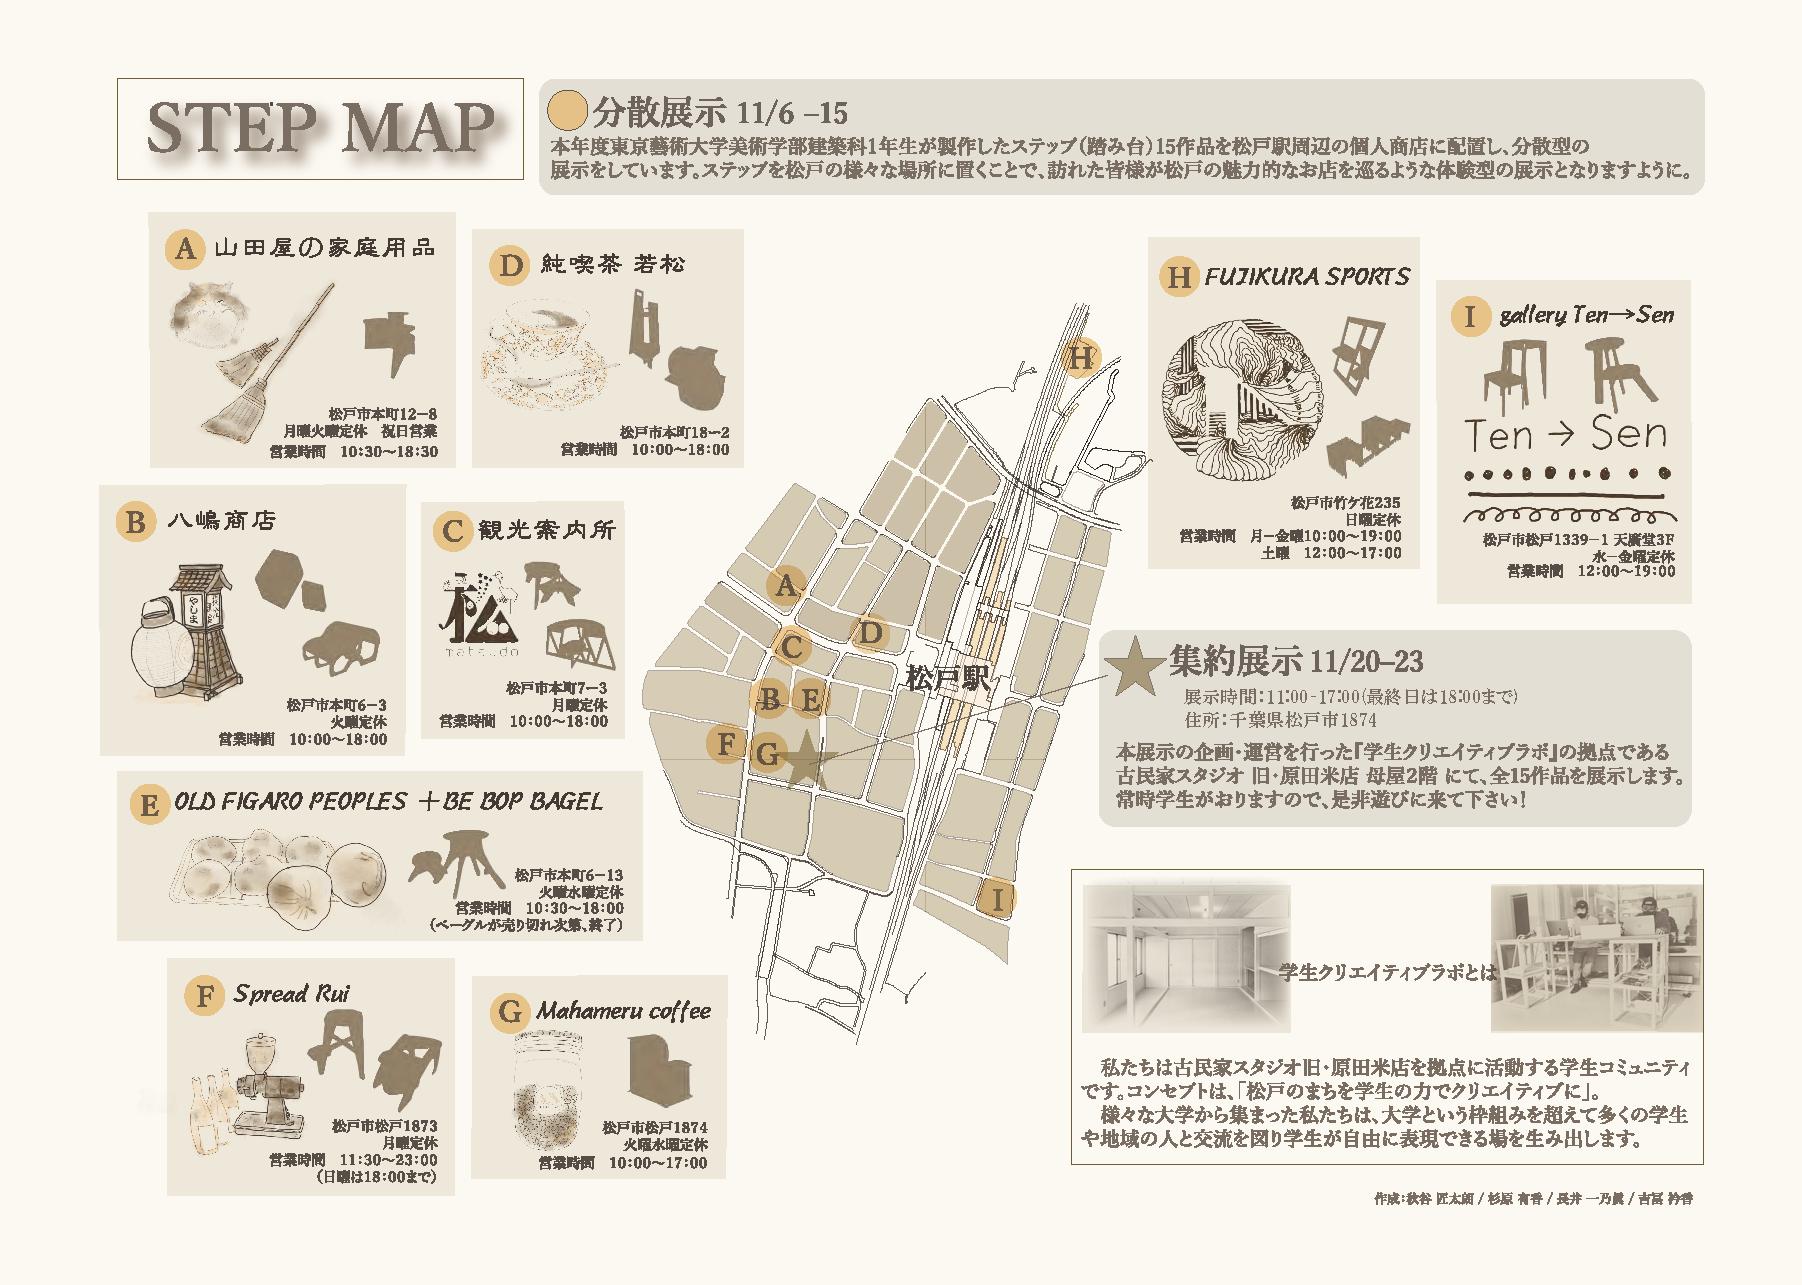 マップ圧縮版